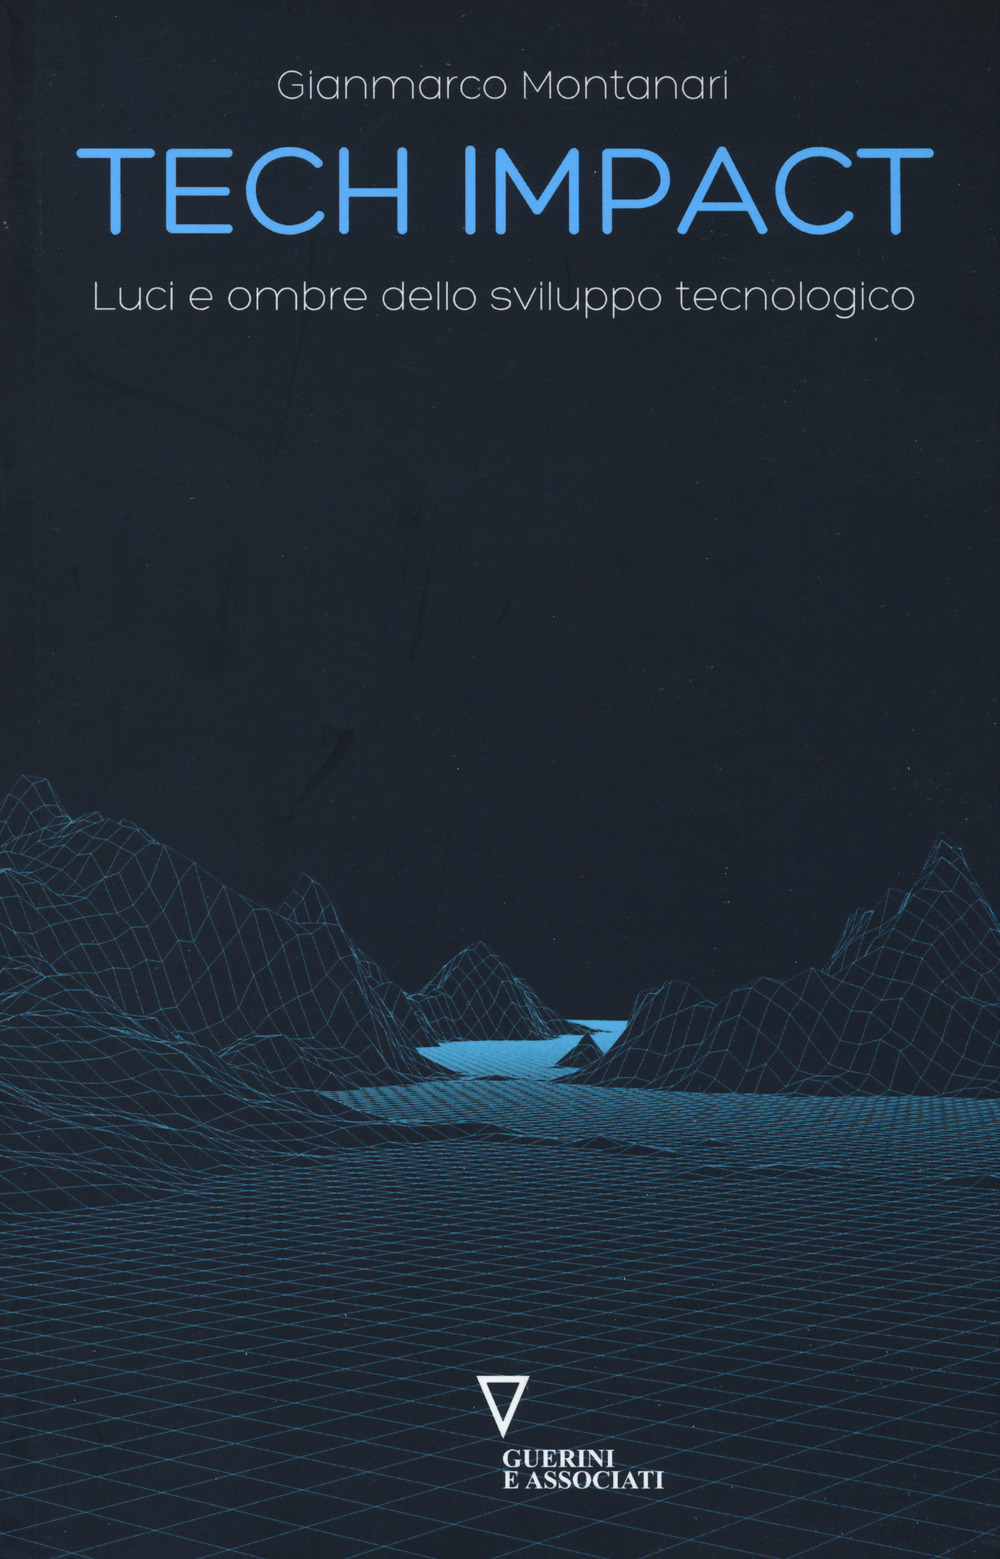 TECH IMPACT. LUCI E OMBRE DELLO SVILUPPO TECNOLOGICO - 9788862507394